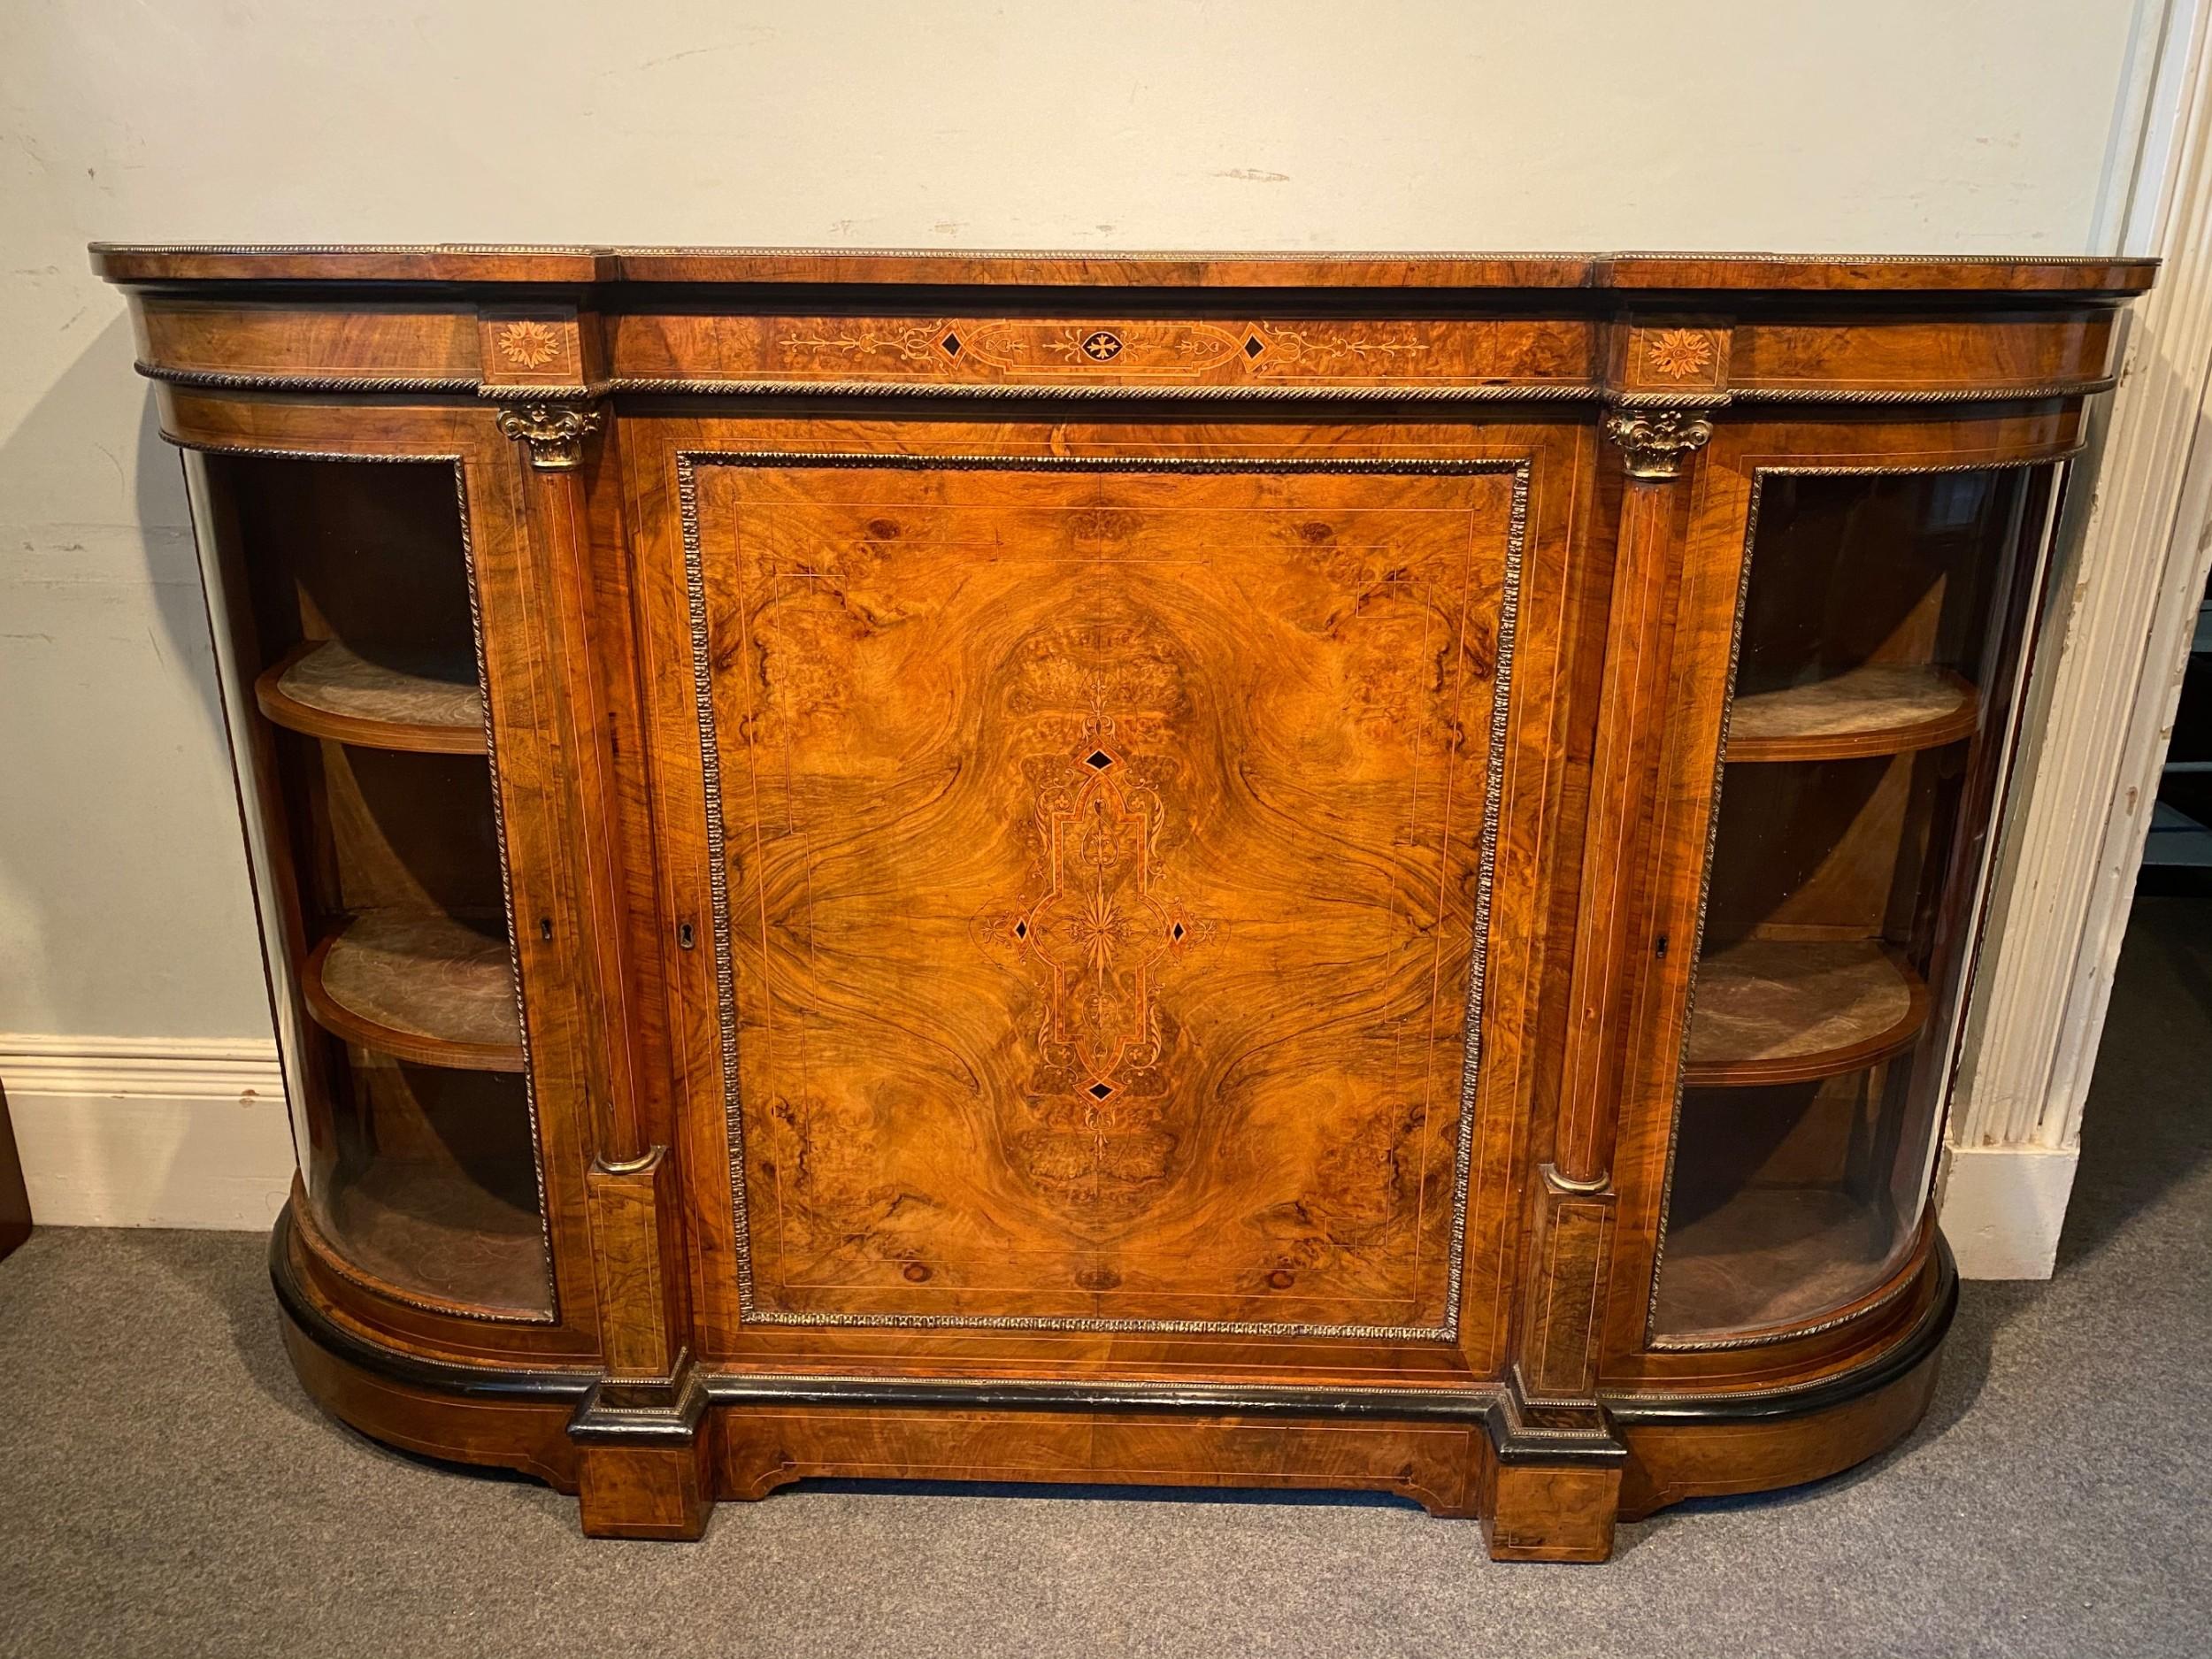 a fine quality 19th century burr walnut credenza